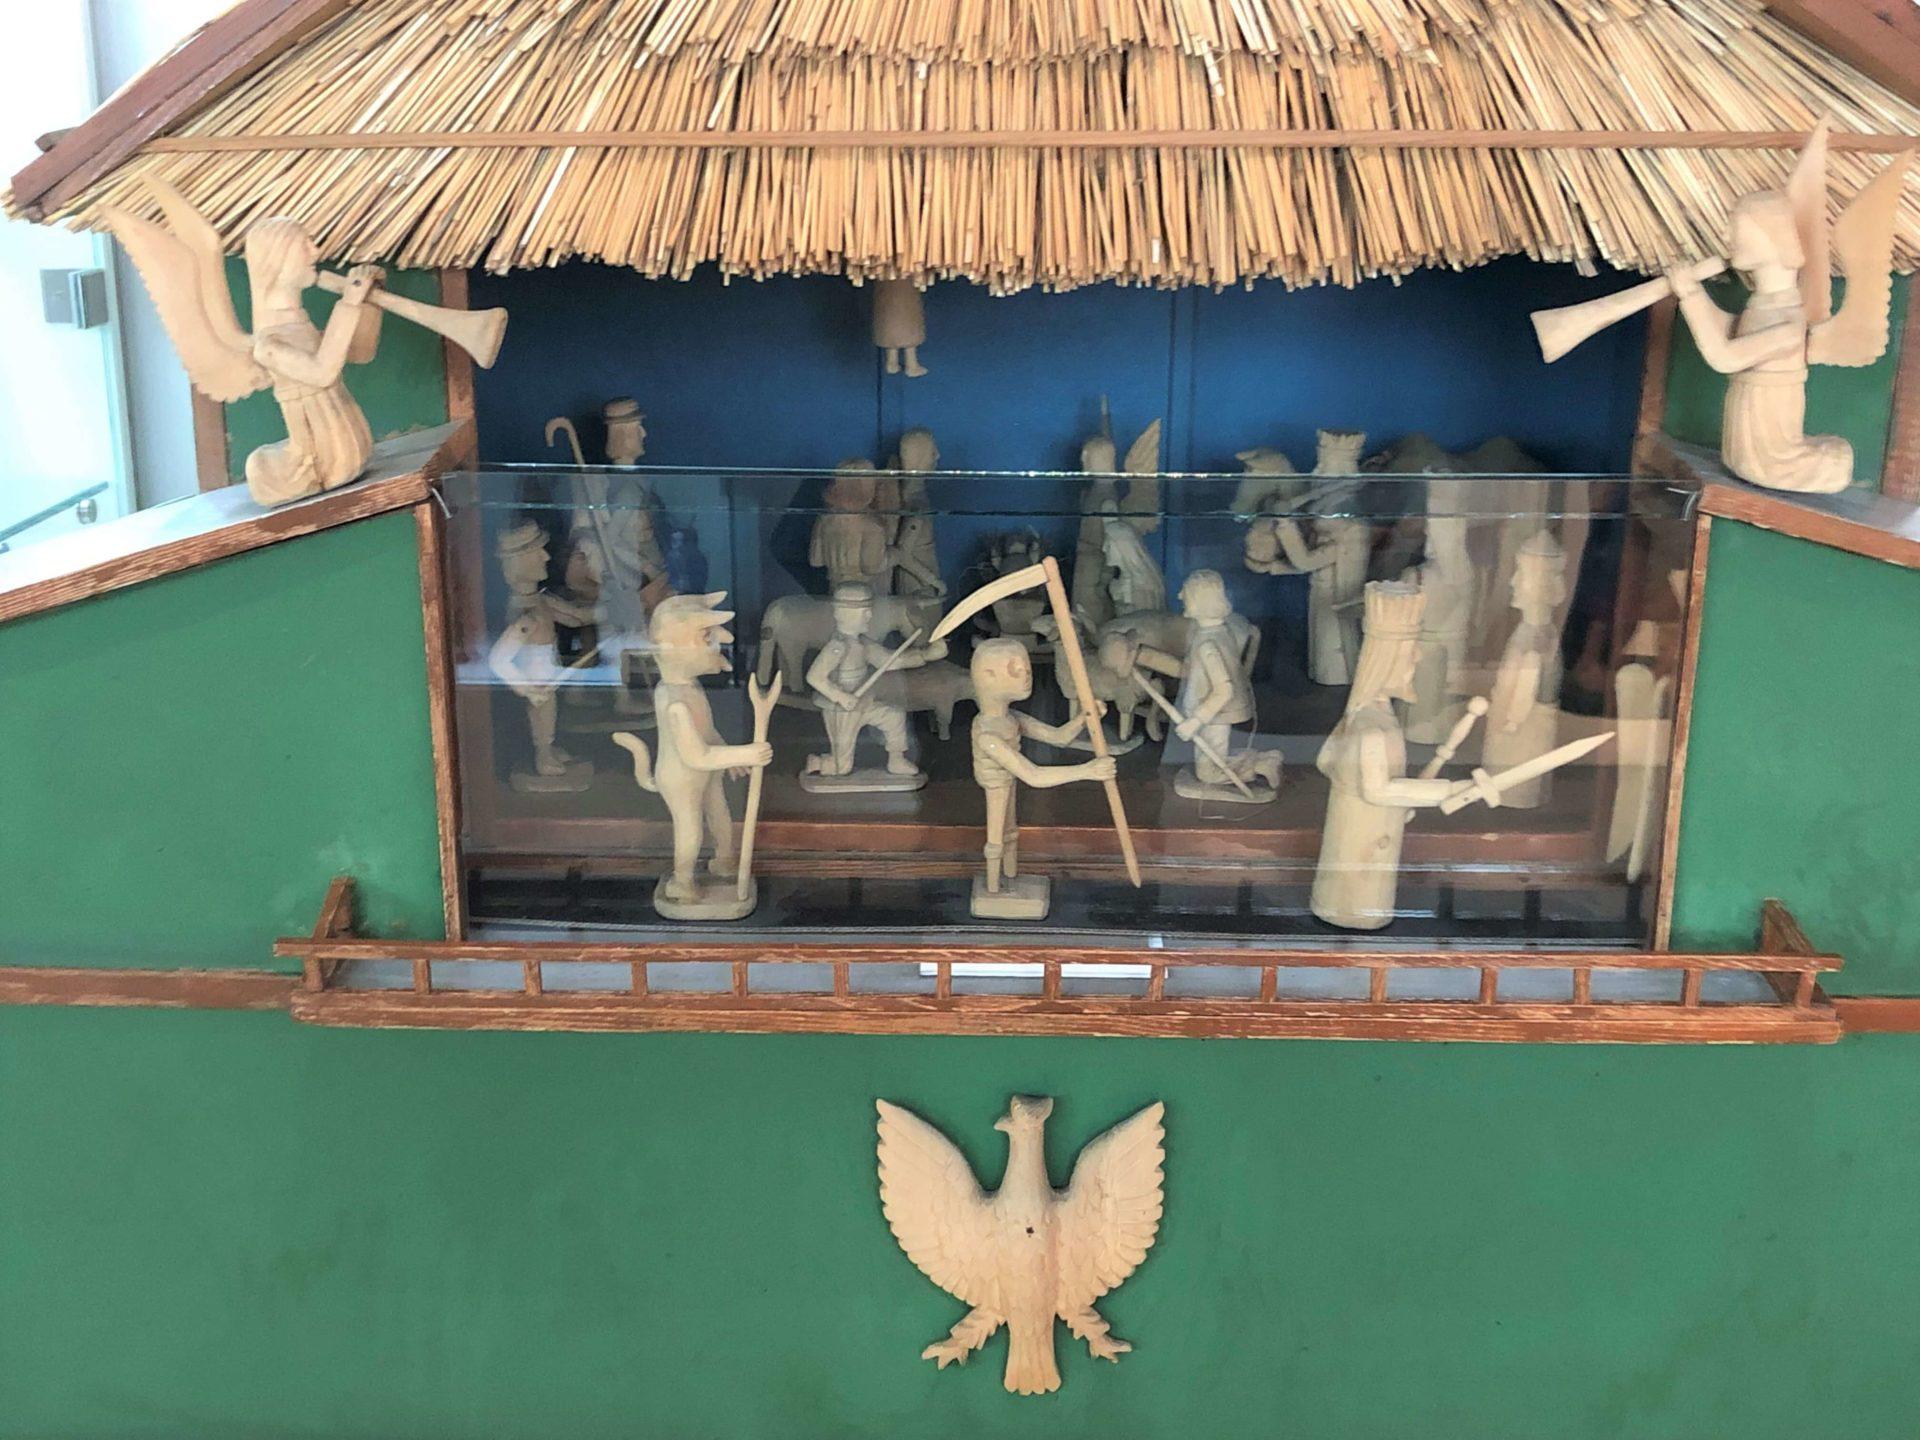 ポーランドの木彫りのおもちゃ